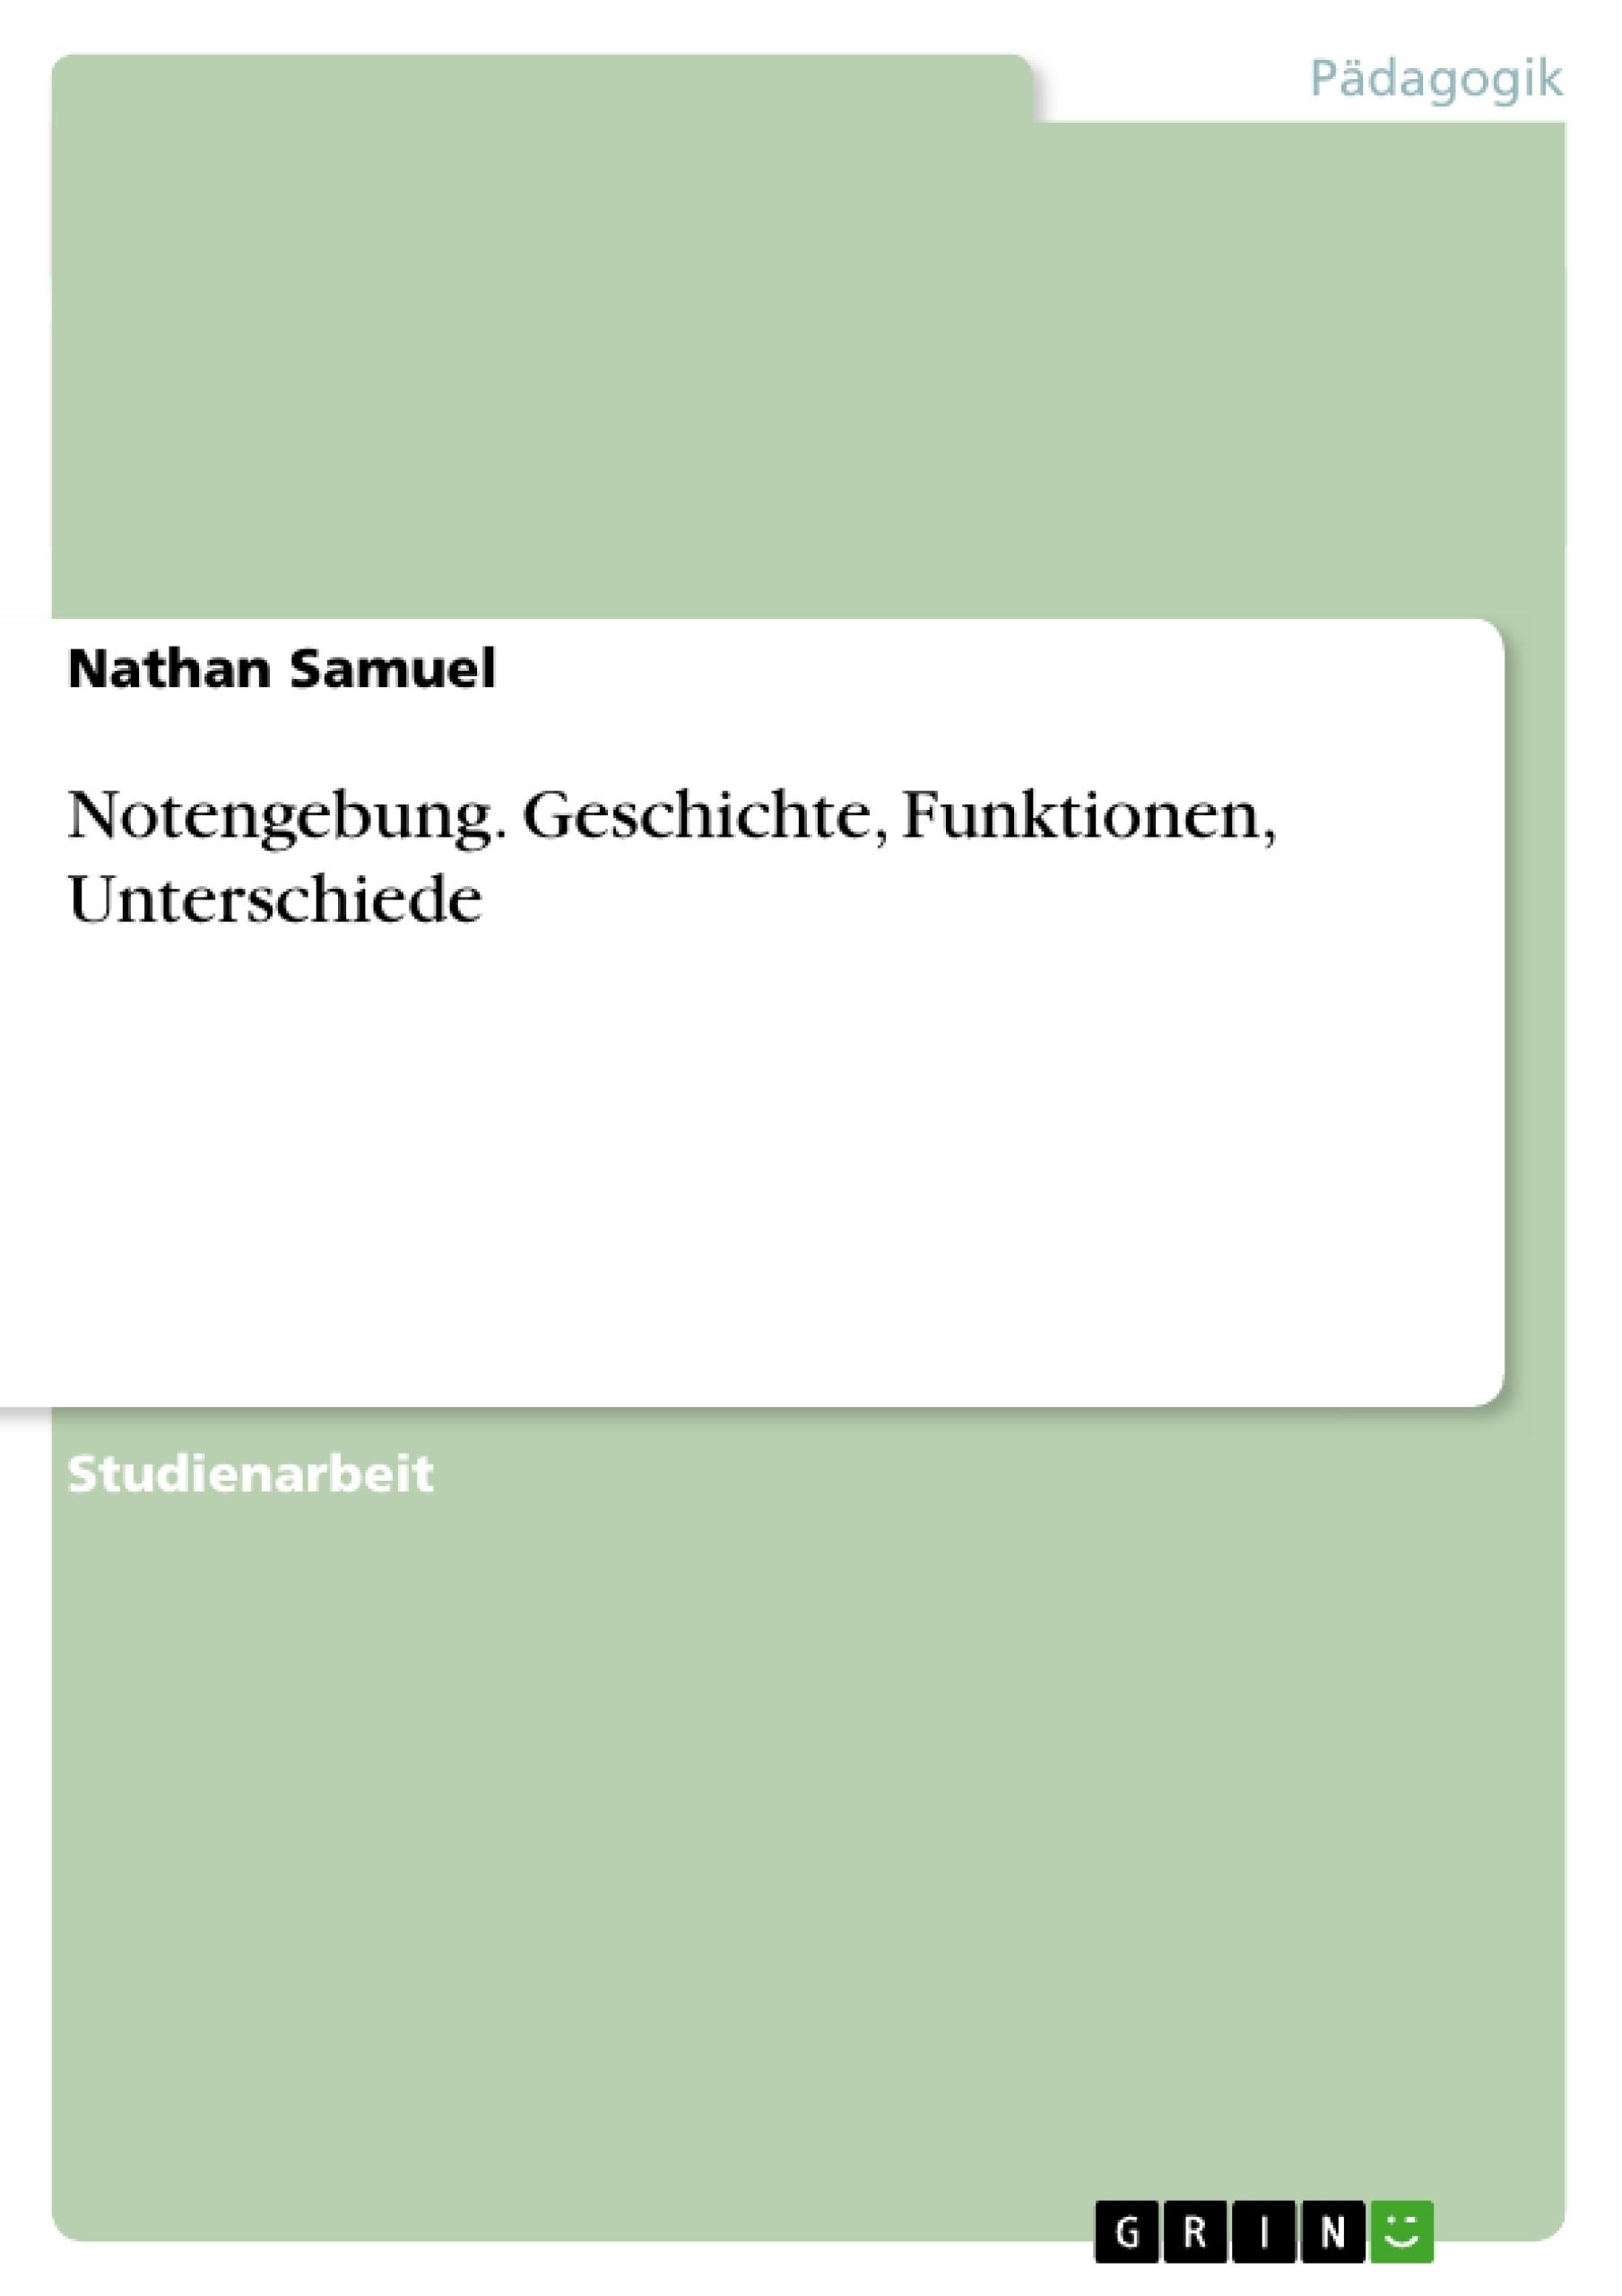 Titel: Notengebung. Geschichte, Funktionen, Unterschiede